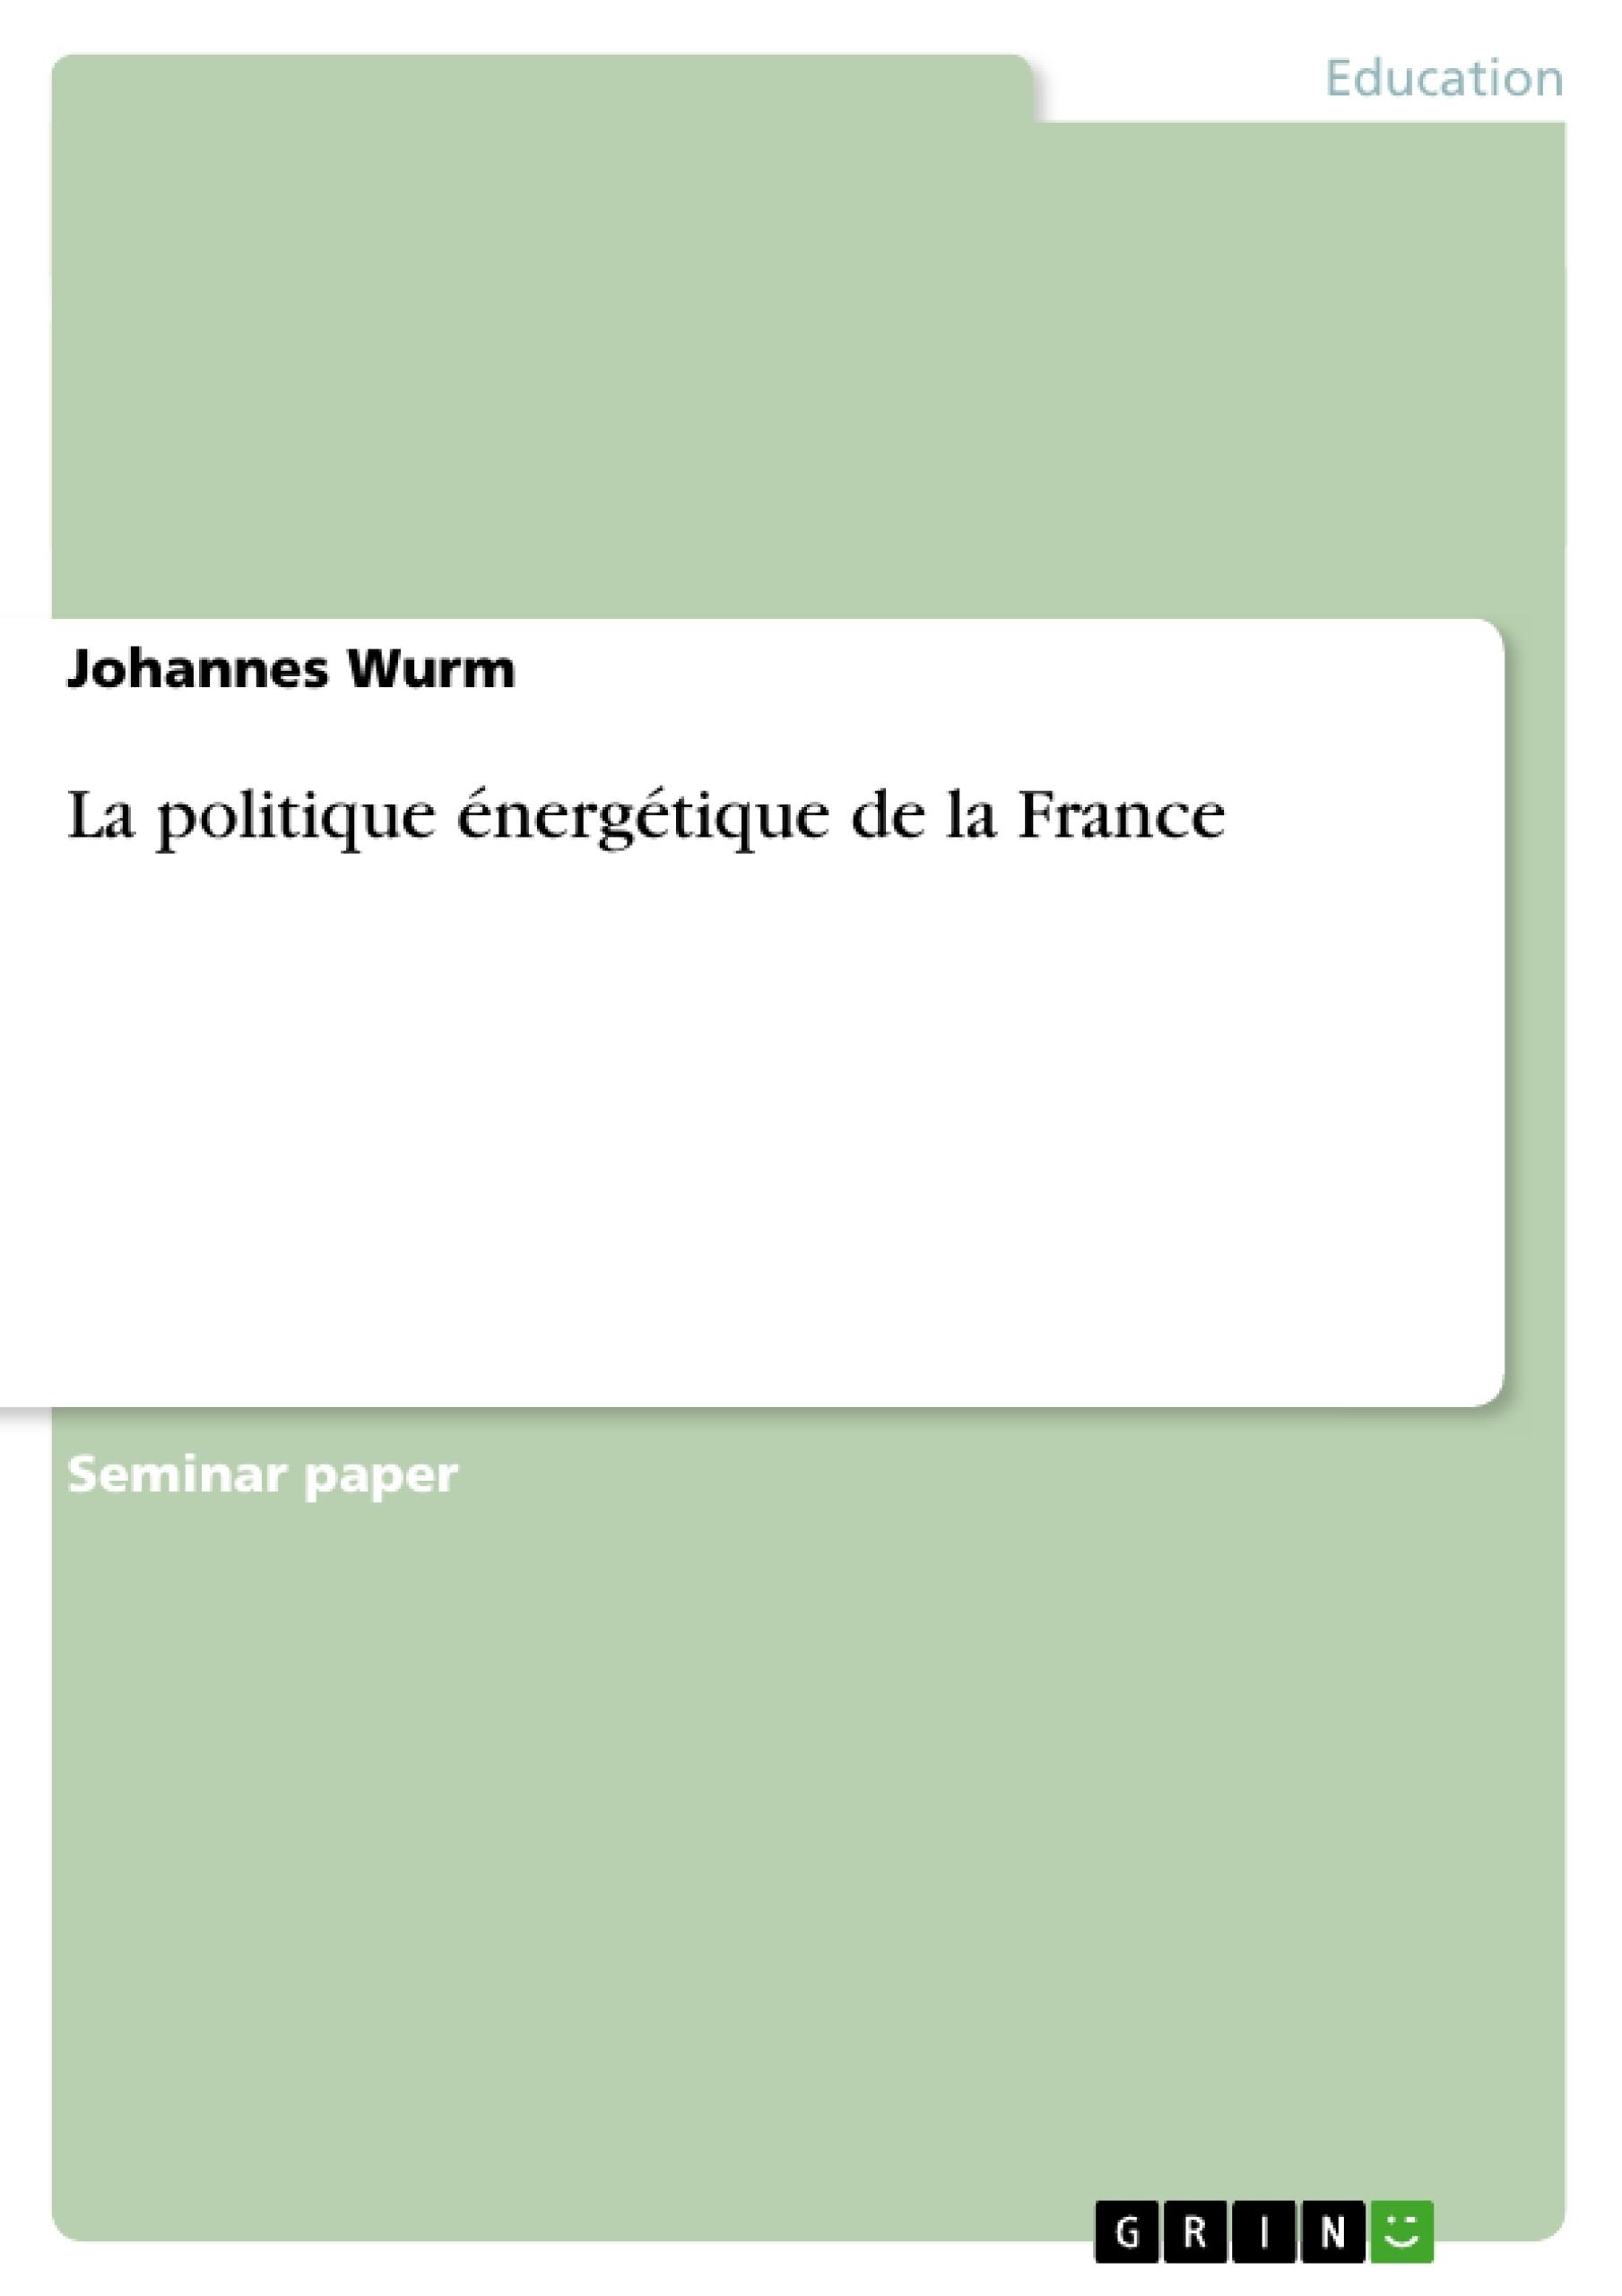 Titre: La politique énergétique de la France